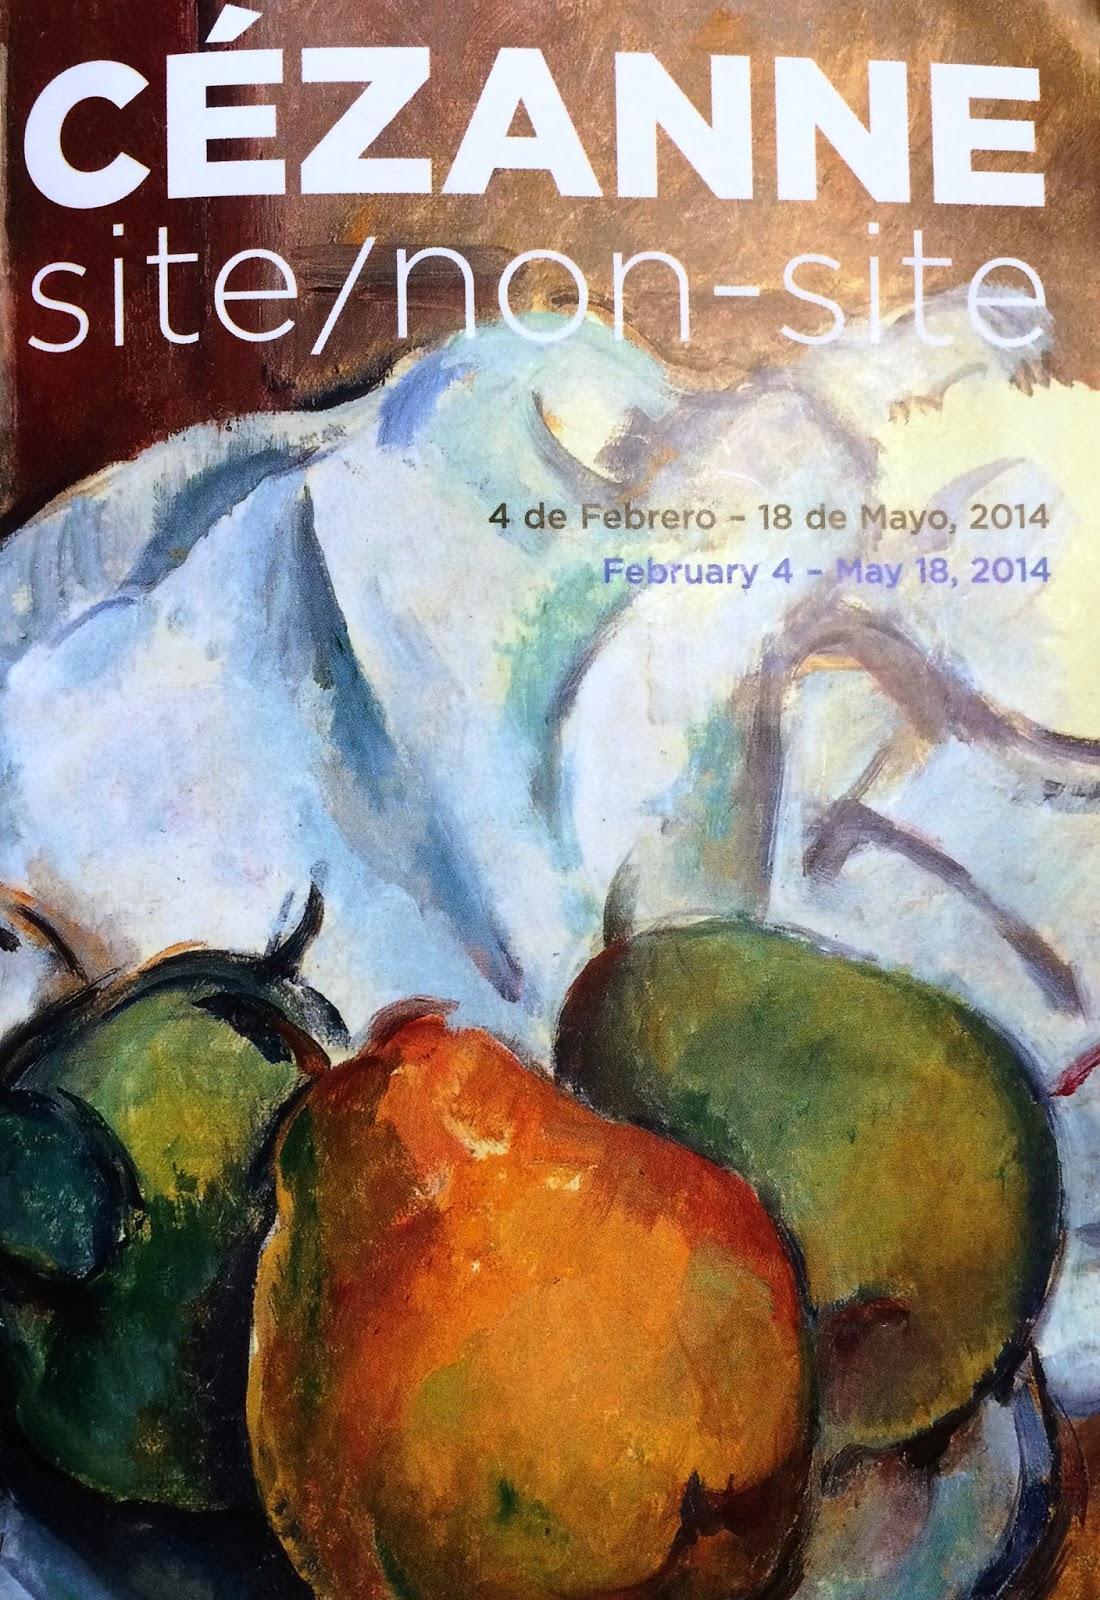 Cézanne site/non-site